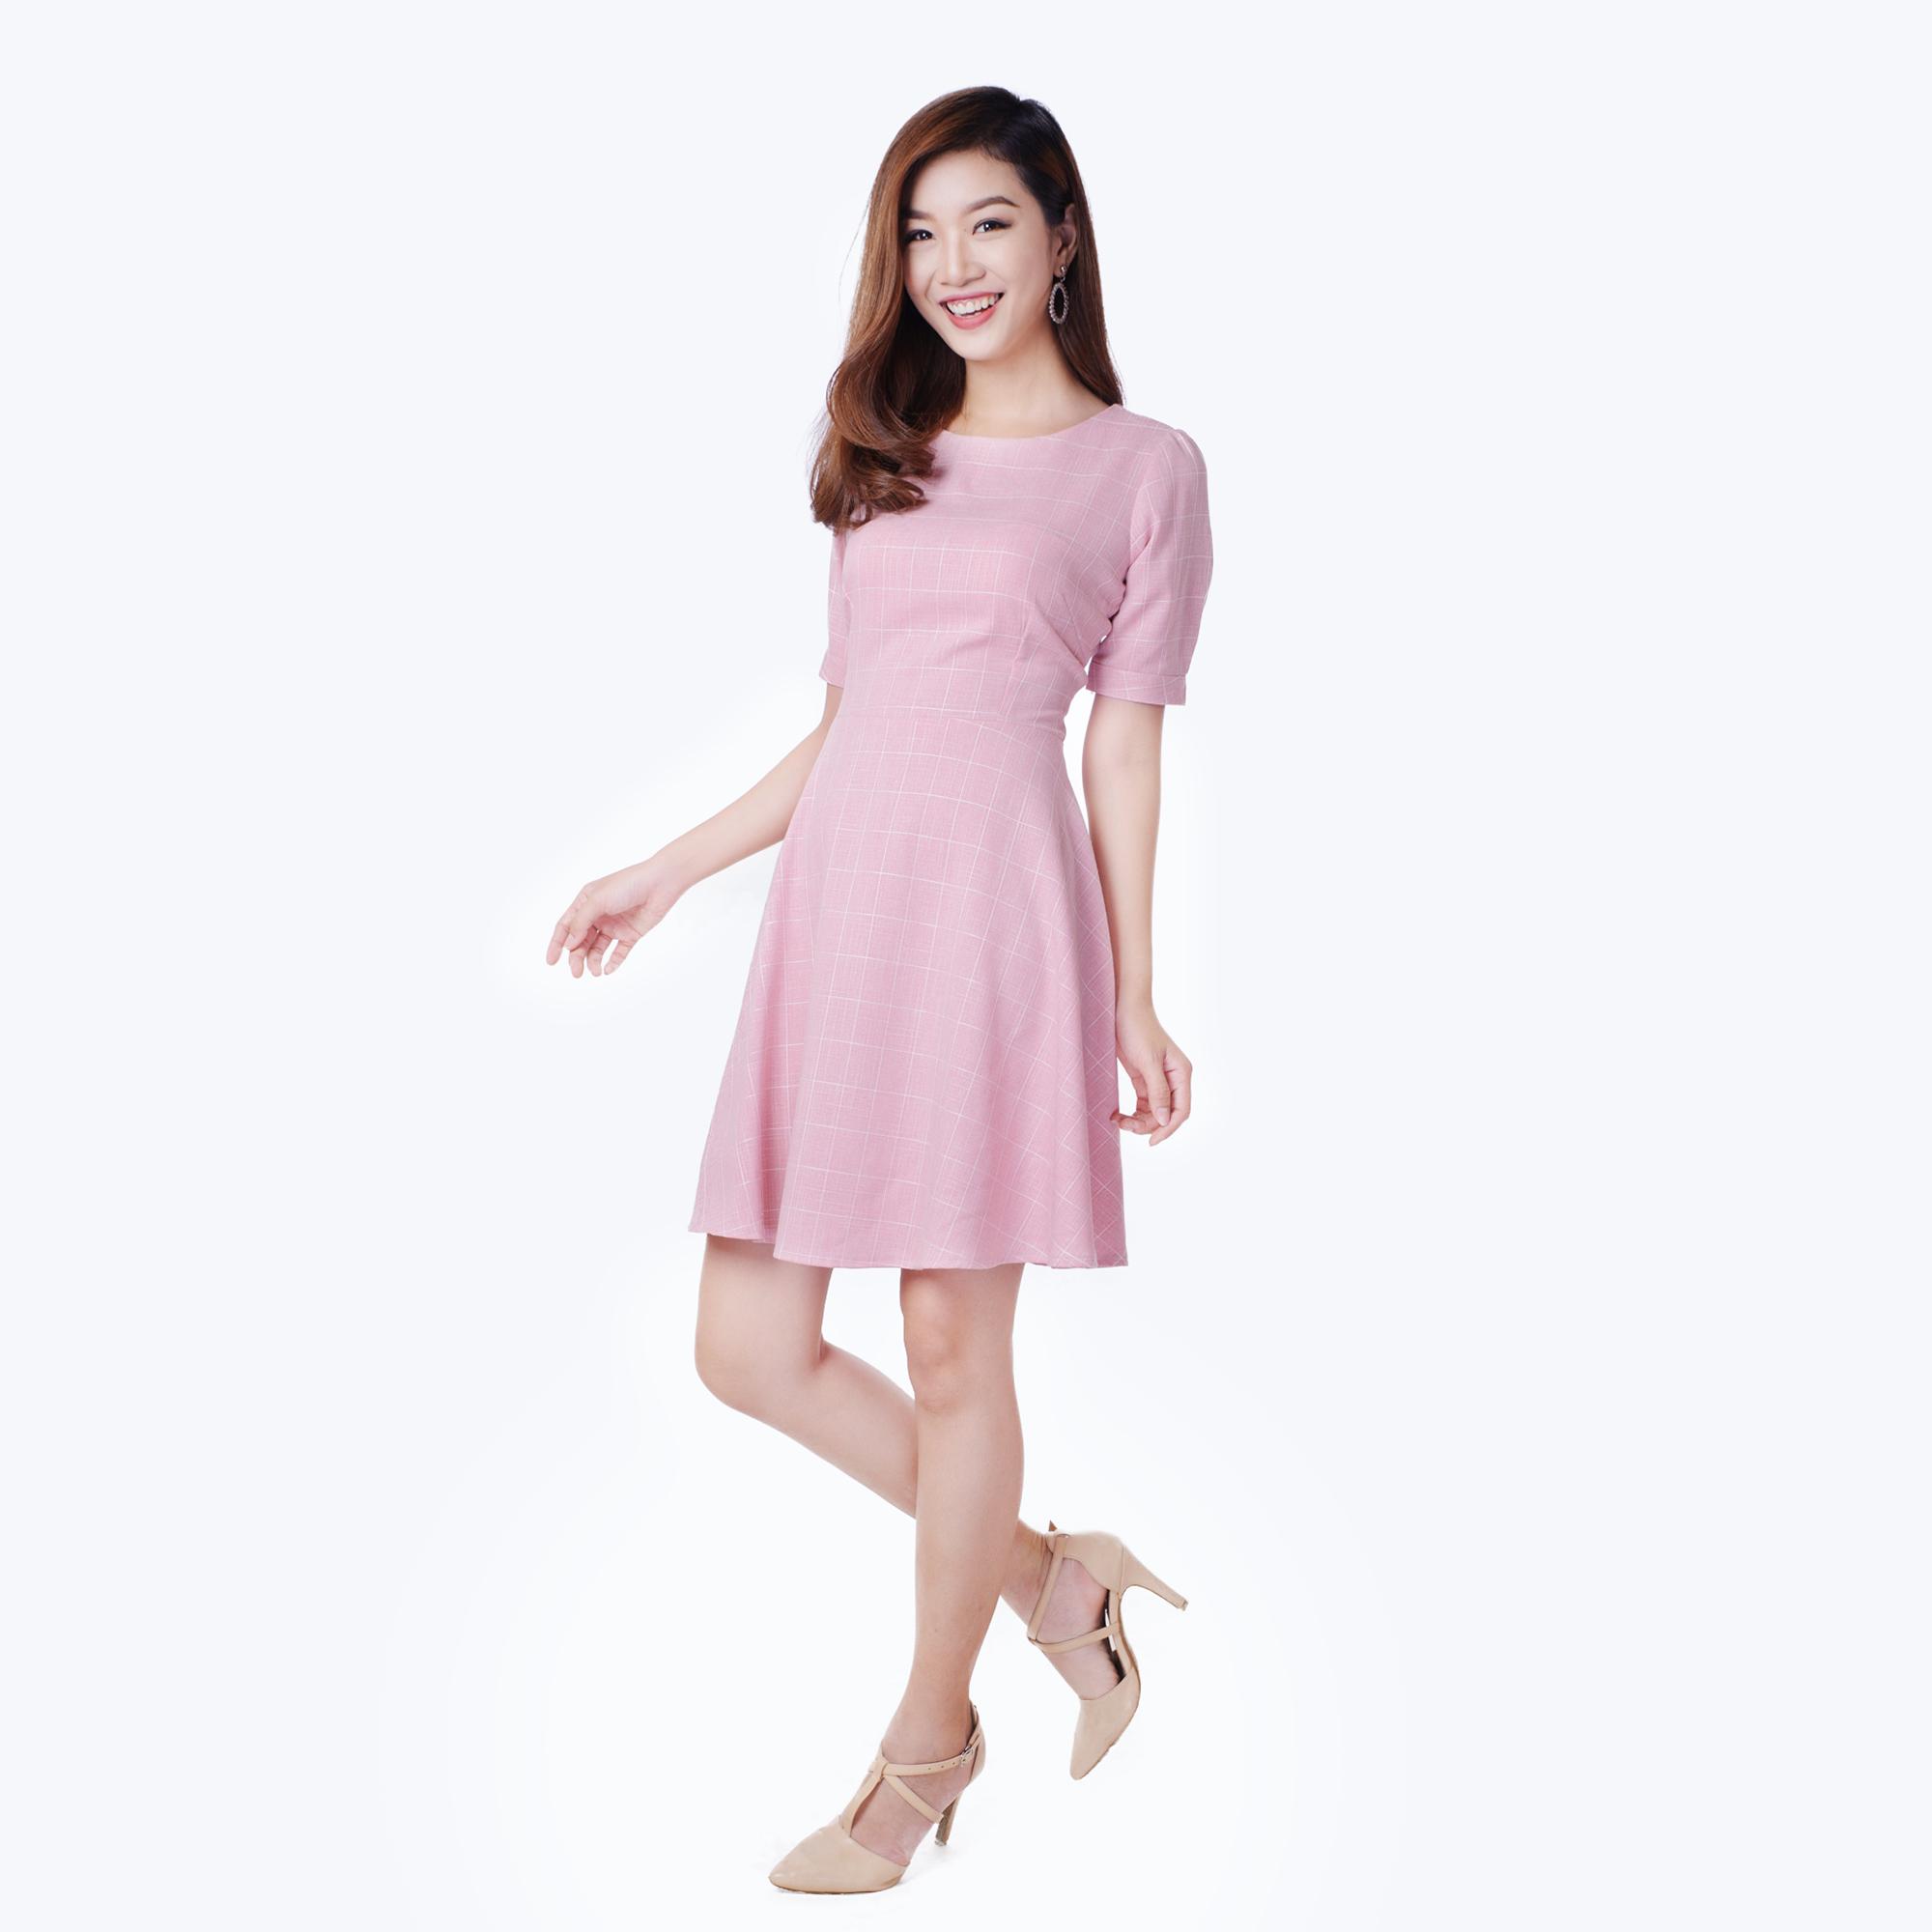 Đầm caro form xòe đơn giản thời trang Eden d154 (hồng nhạt)